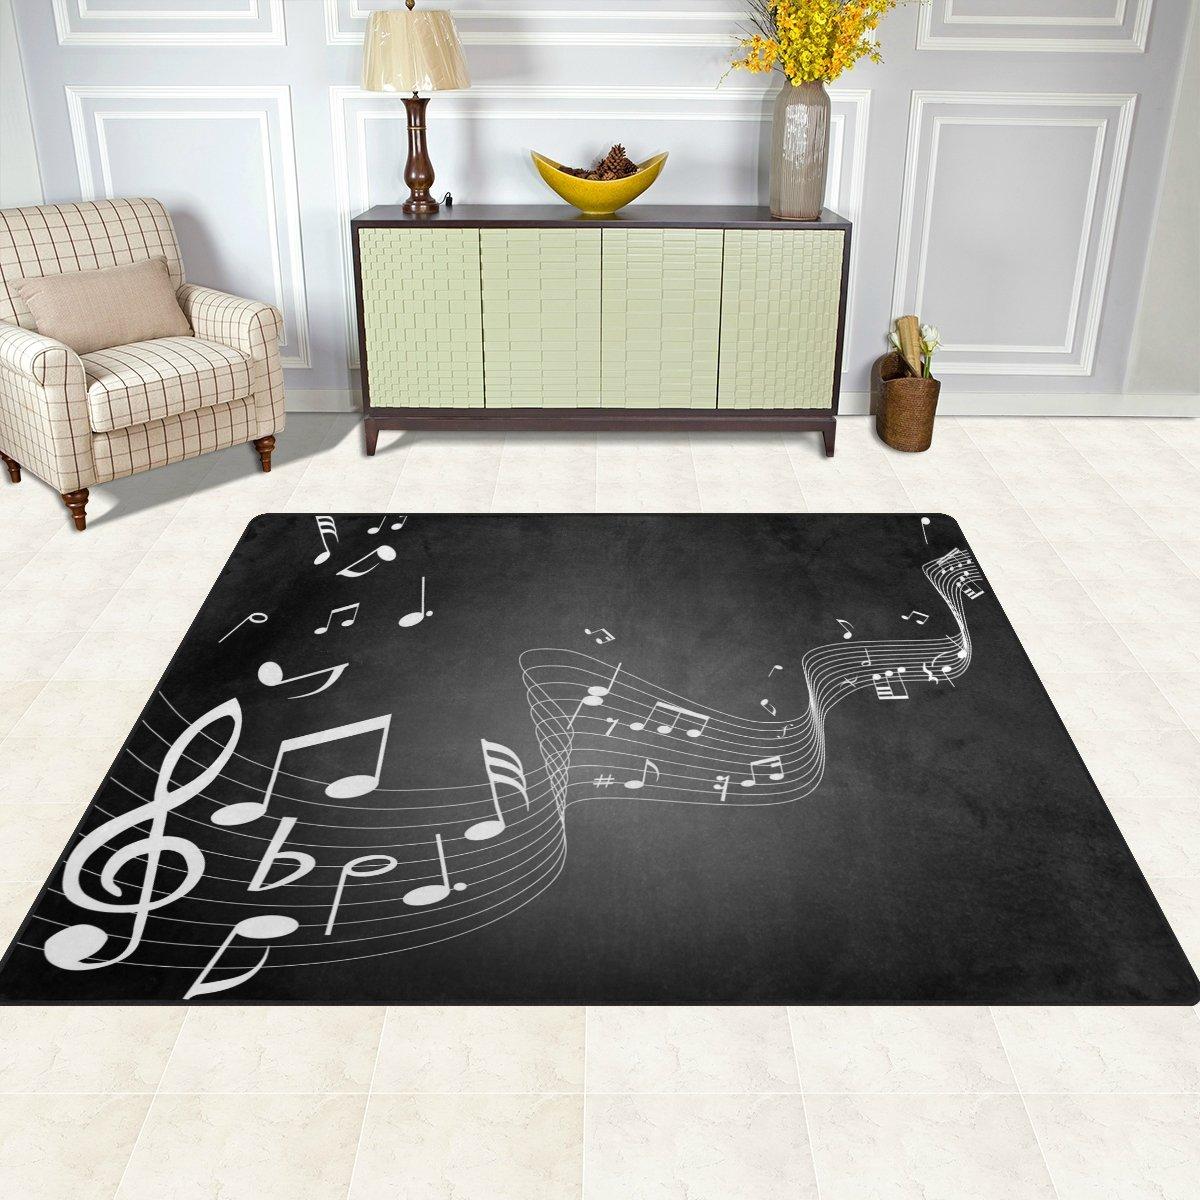 Ingbags Super Weiche Moderne Noten Musik, ein Wohnzimmer Teppiche Teppiche Teppiche Teppich Schlafzimmer Teppich für Kinder Play massiv Home Decorator Boden Teppich und Teppiche 160 x 121,9 cm, multi, 80 x 58 Inch 8939e1